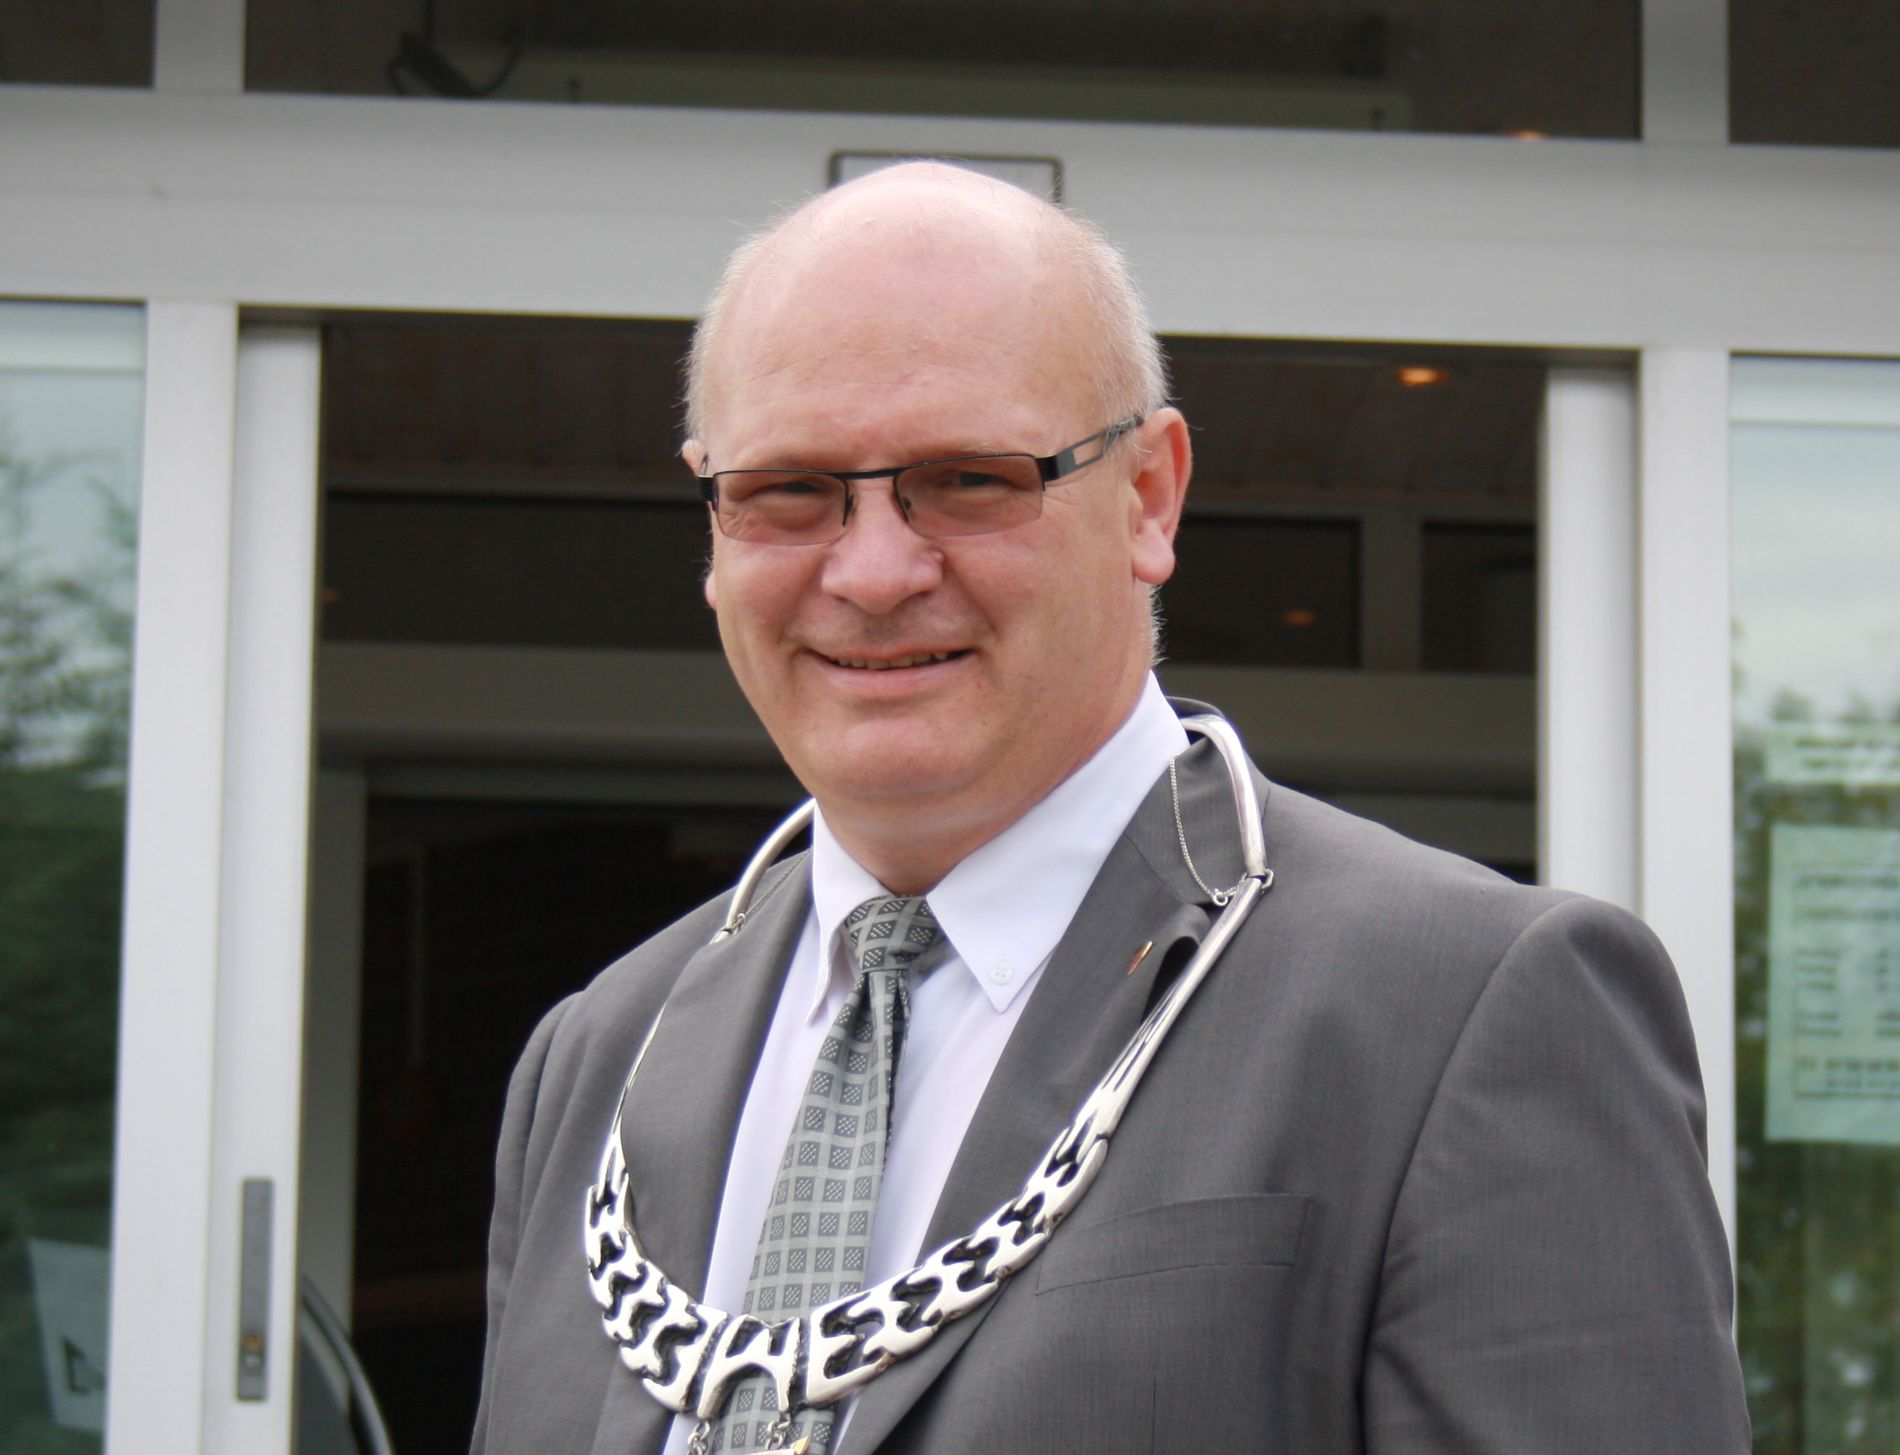 EKSTRAKOSTNADER: Nærøy-ordfører Steinar Aspli (Sp) sier de måtte si nei til å ta imot da forutsetningene endret seg. IMDI antydet at de kunne få rundt seks, mens kommunen hadde sagt ja til 16.